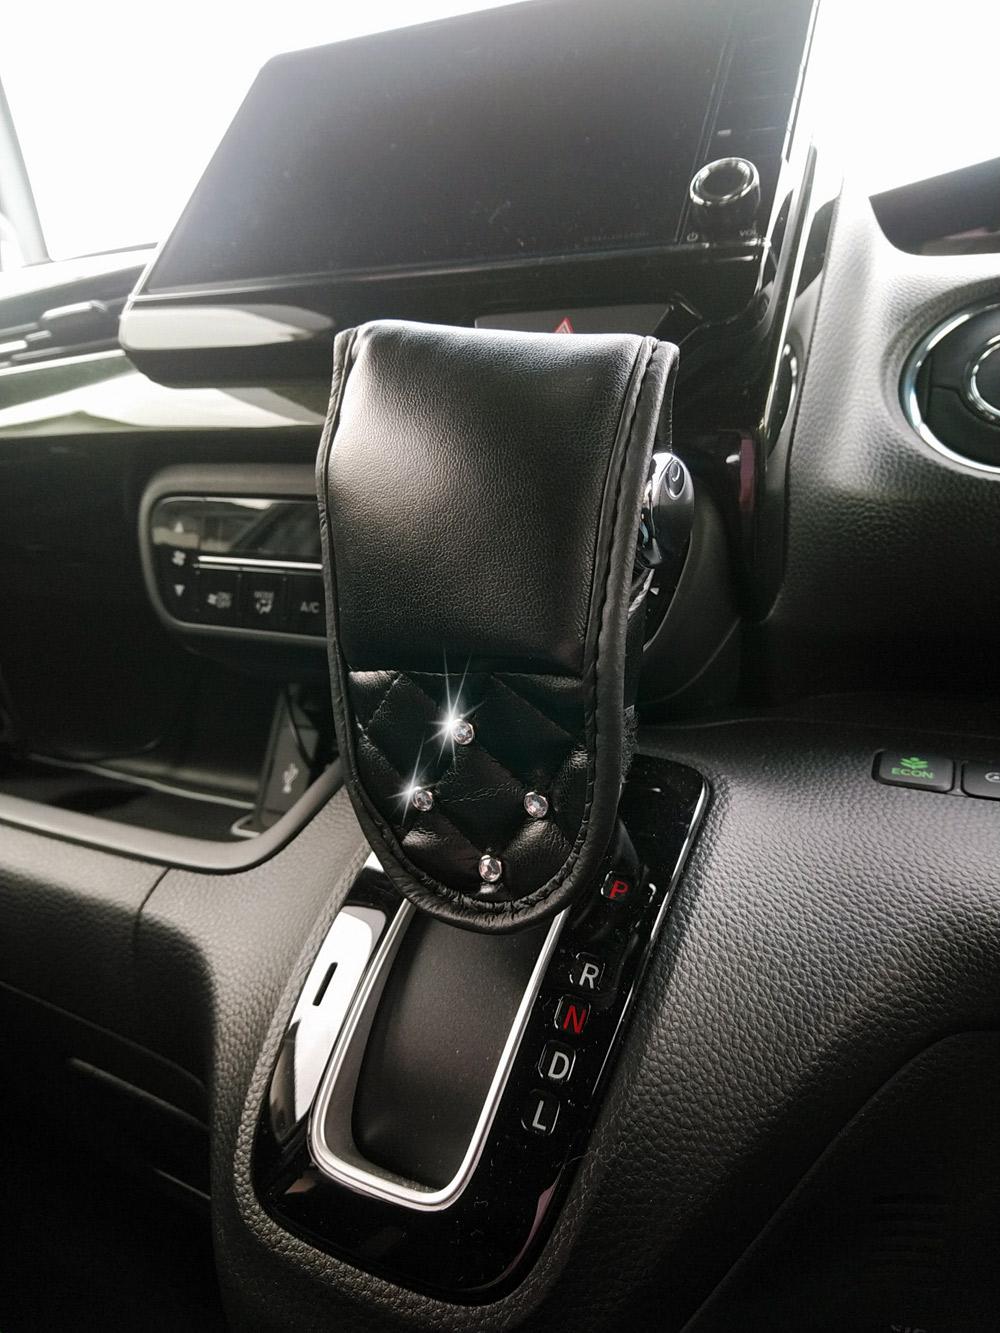 送料無料 シフトノブカバー シフトノブ ラインストーン クリア ピンク フリーサイズ 取り付け簡単 保護 ドレスアップ パーツ 取り付け カスタム 車 車用品 アクセサリー おしゃれ シフトノブカバー シフトノブ ラインストーン クリア ピンク フリーサイズ 取り付け簡単 保護 ドレスアップ パーツ 取り付け カスタム 車 車用品 アクセサリー おしゃれ PDRL020-PDVS120